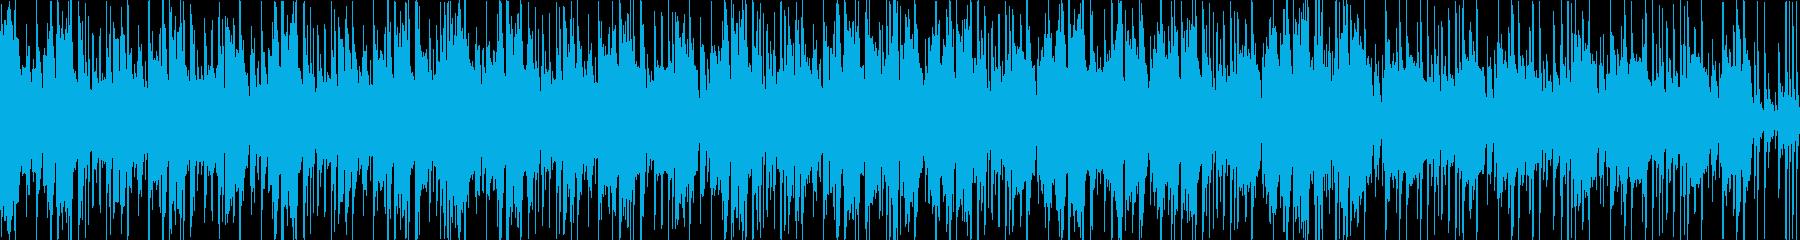 【1分】ダンス・アメコミ系ファンクBGMの再生済みの波形